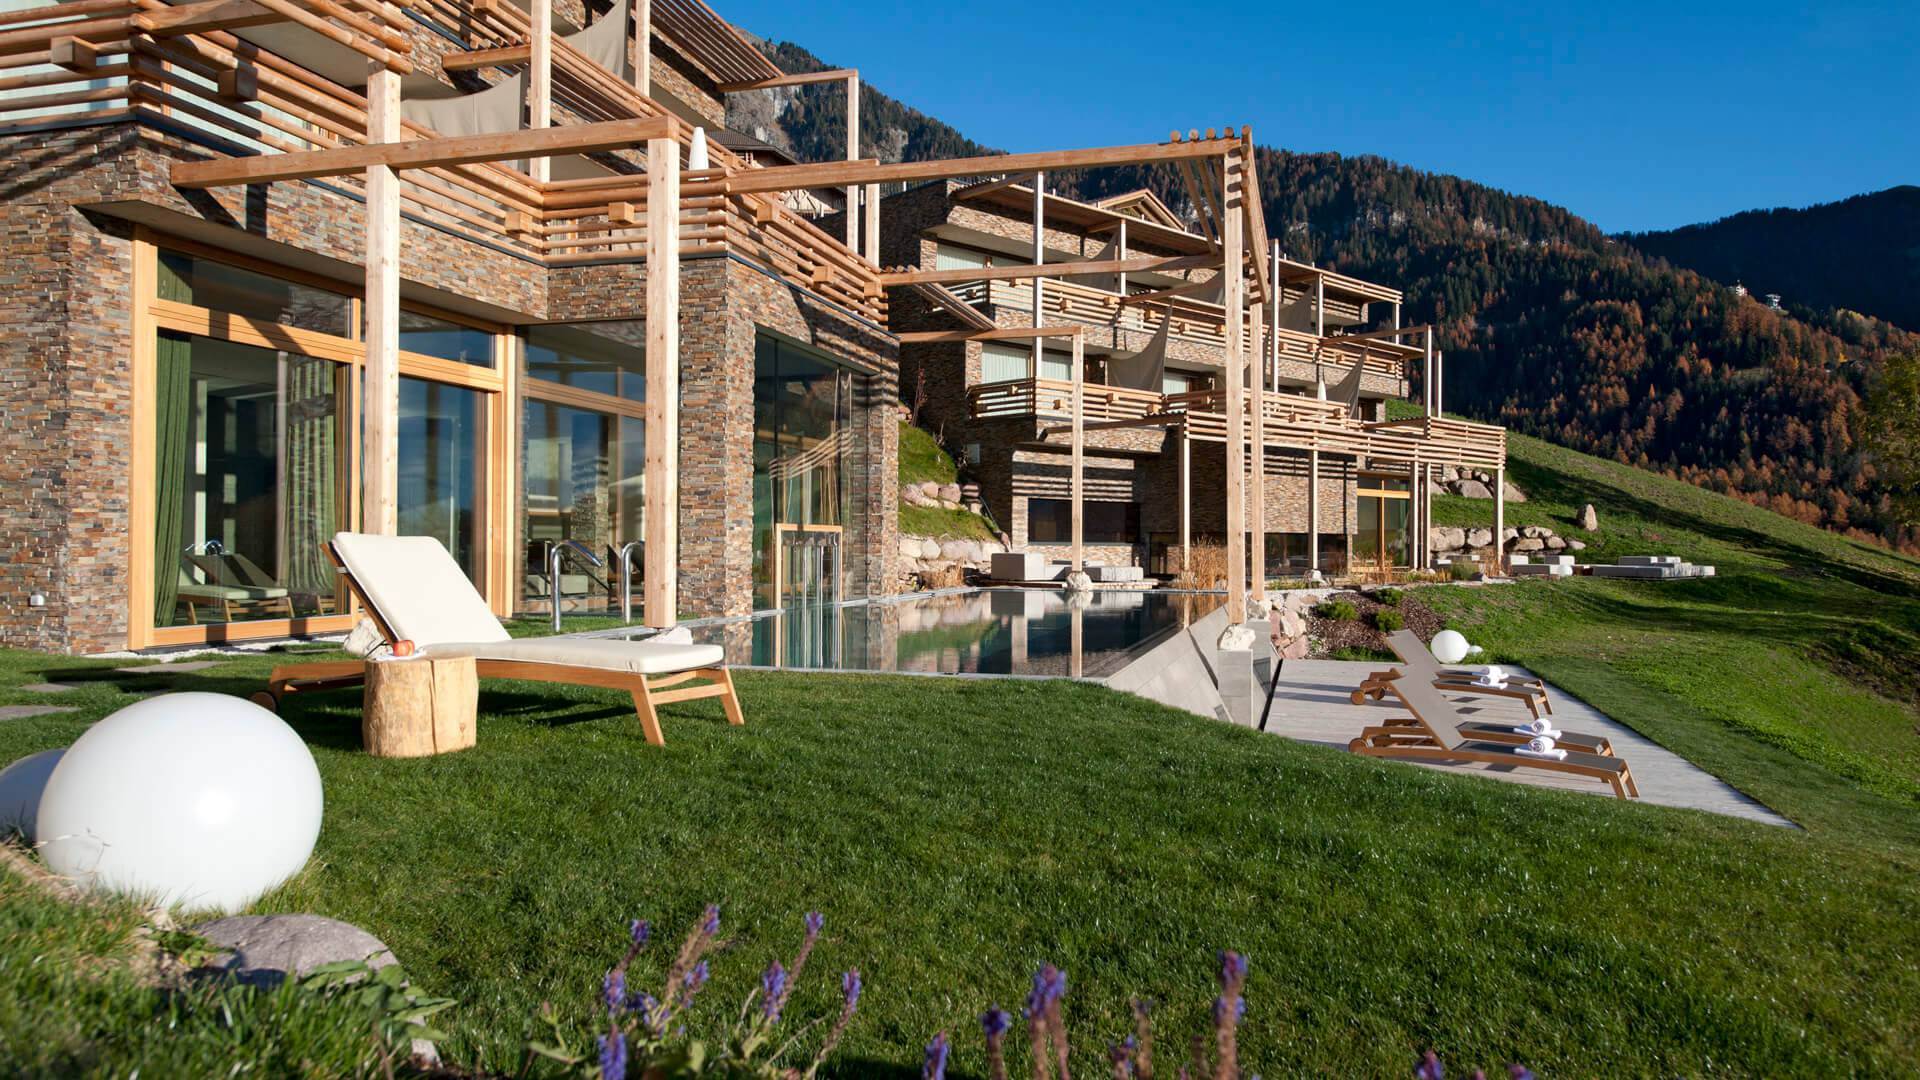 Ihr hotel in seis am schlern kastelruth valentinerhof for Design hotel skifahren